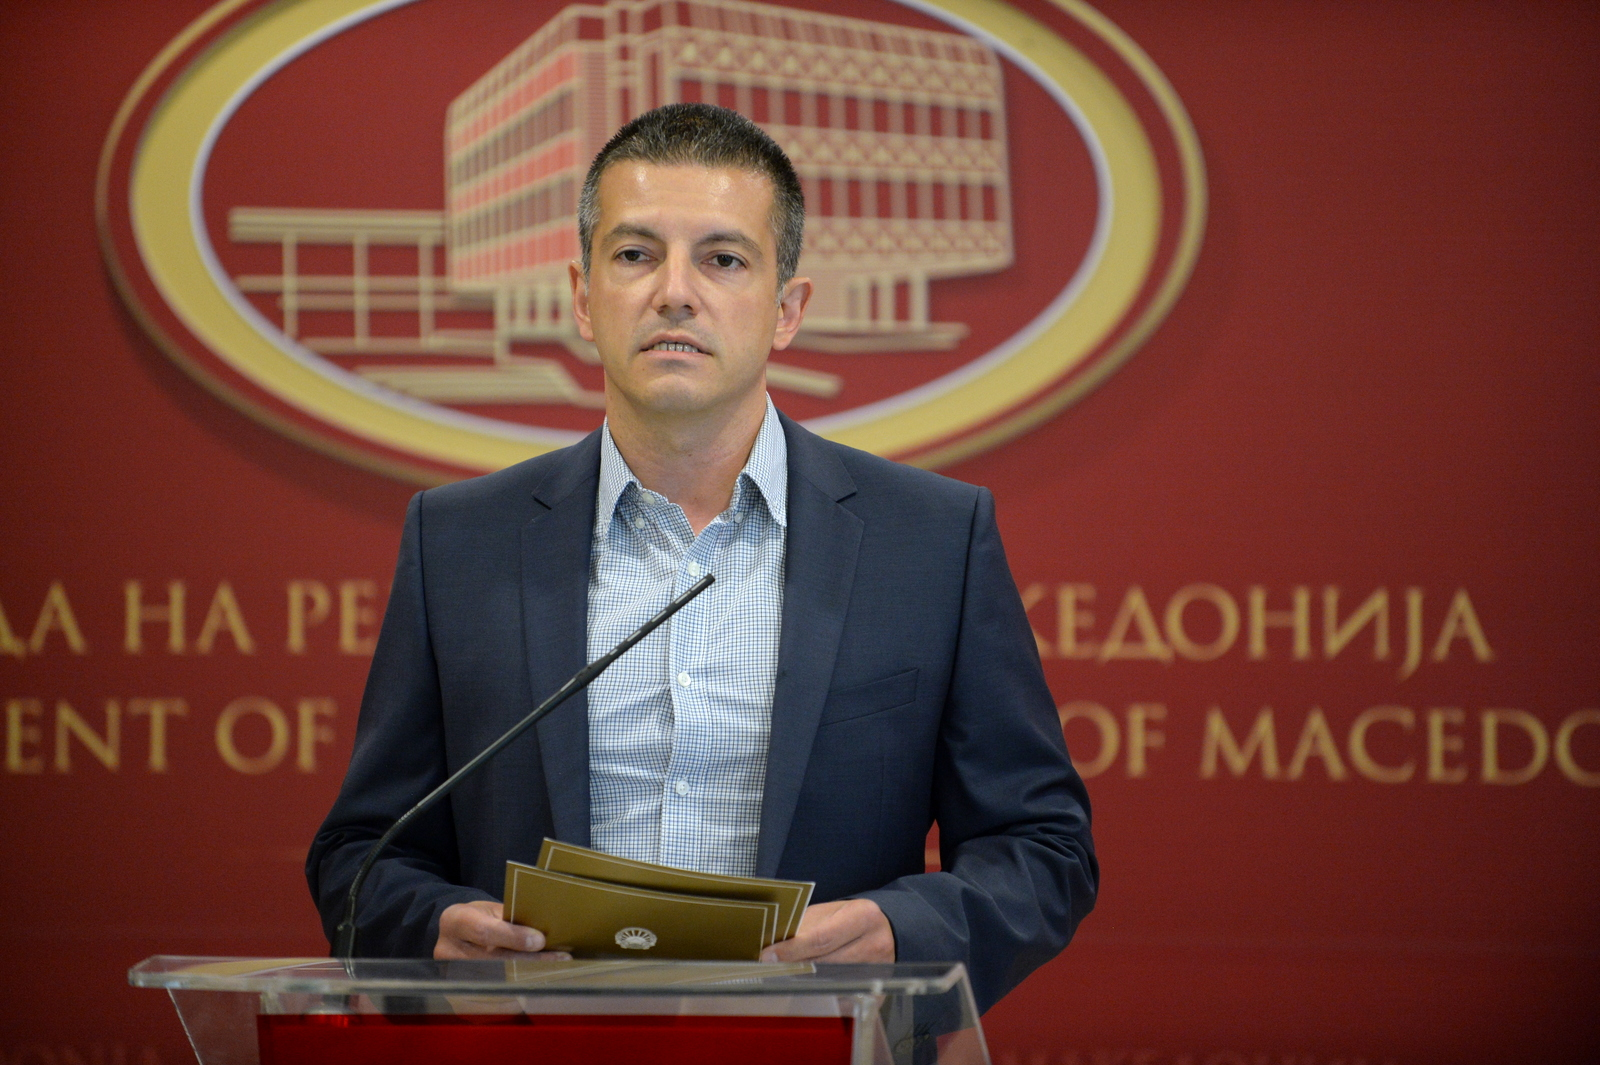 ВМРО ДПМНЕ  Манчевски наместо да ја повтори утврдената процедура  на ДИК му доставува нецелосен список на вработени